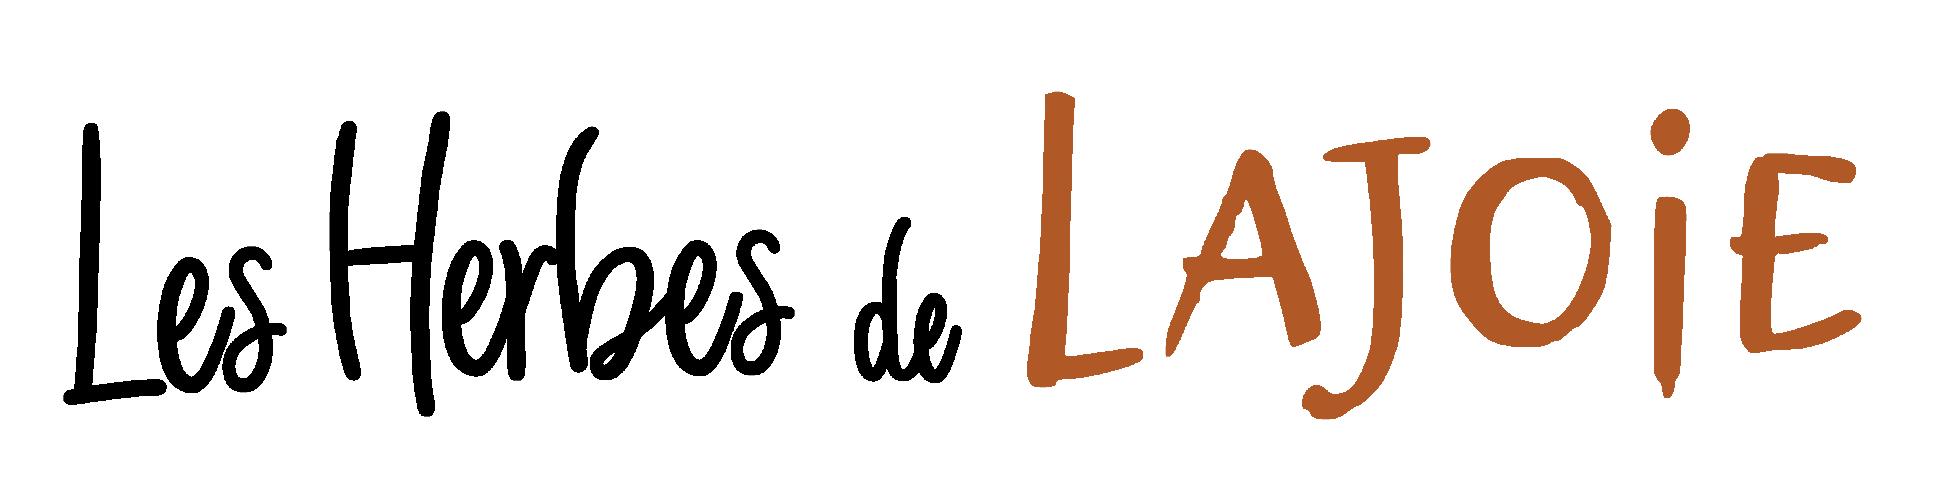 Les herbes de Lajoie